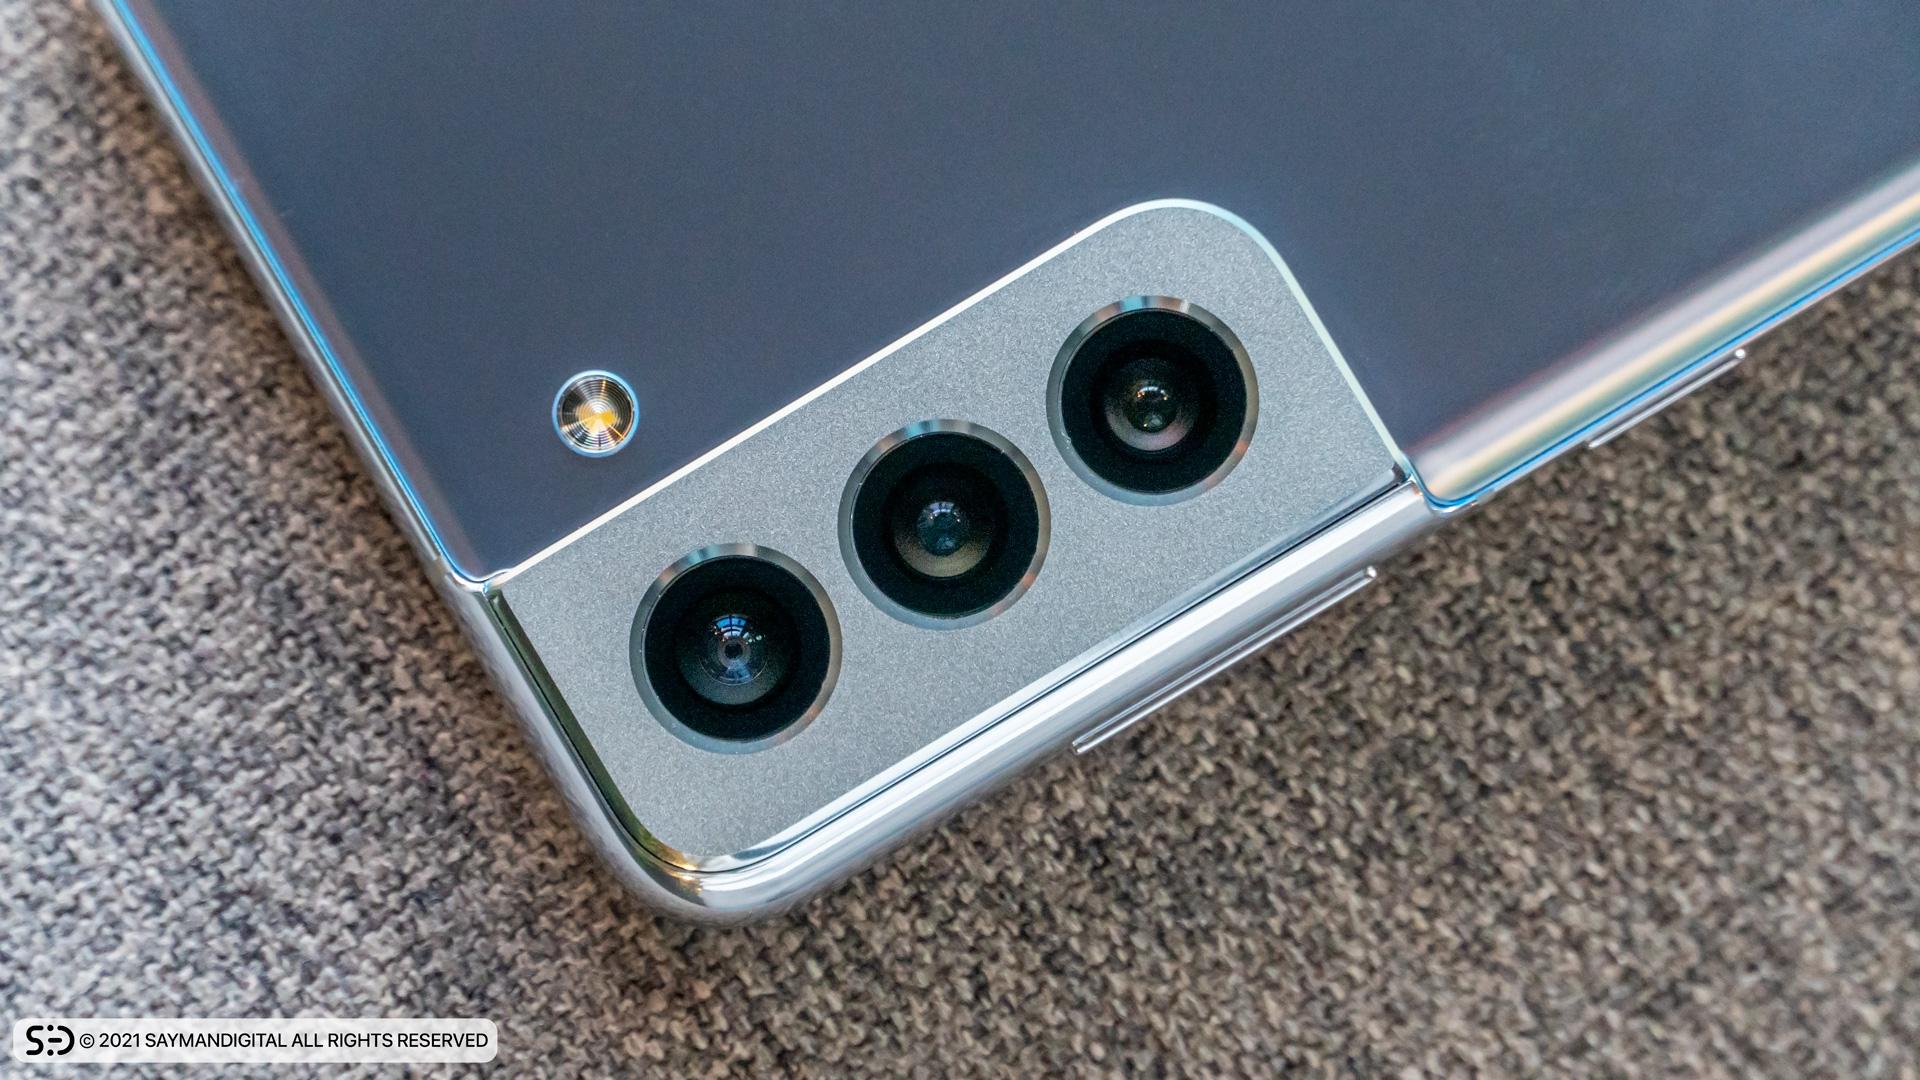 طراحی جدید فریم دوربینها در بررسی گلکسی S21 Plus